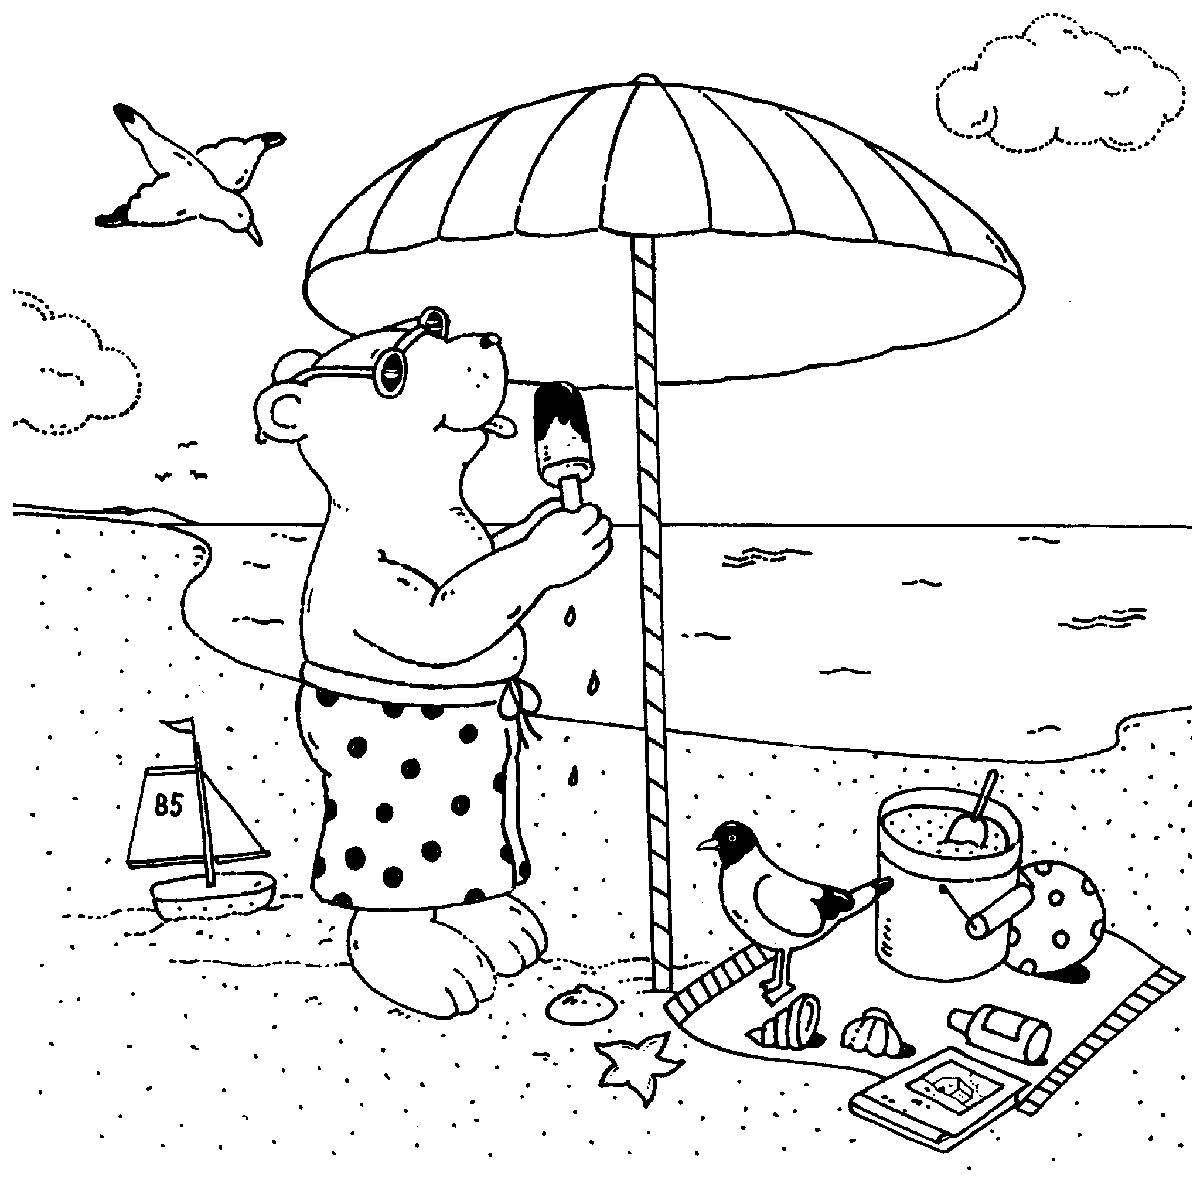 Ausmalbild Urlaub Und Reisen Bar Isst Eis Am Strand Kostenlos Ausdrucken Ausmalbild Ausmalen Wenn Du Mal Buch